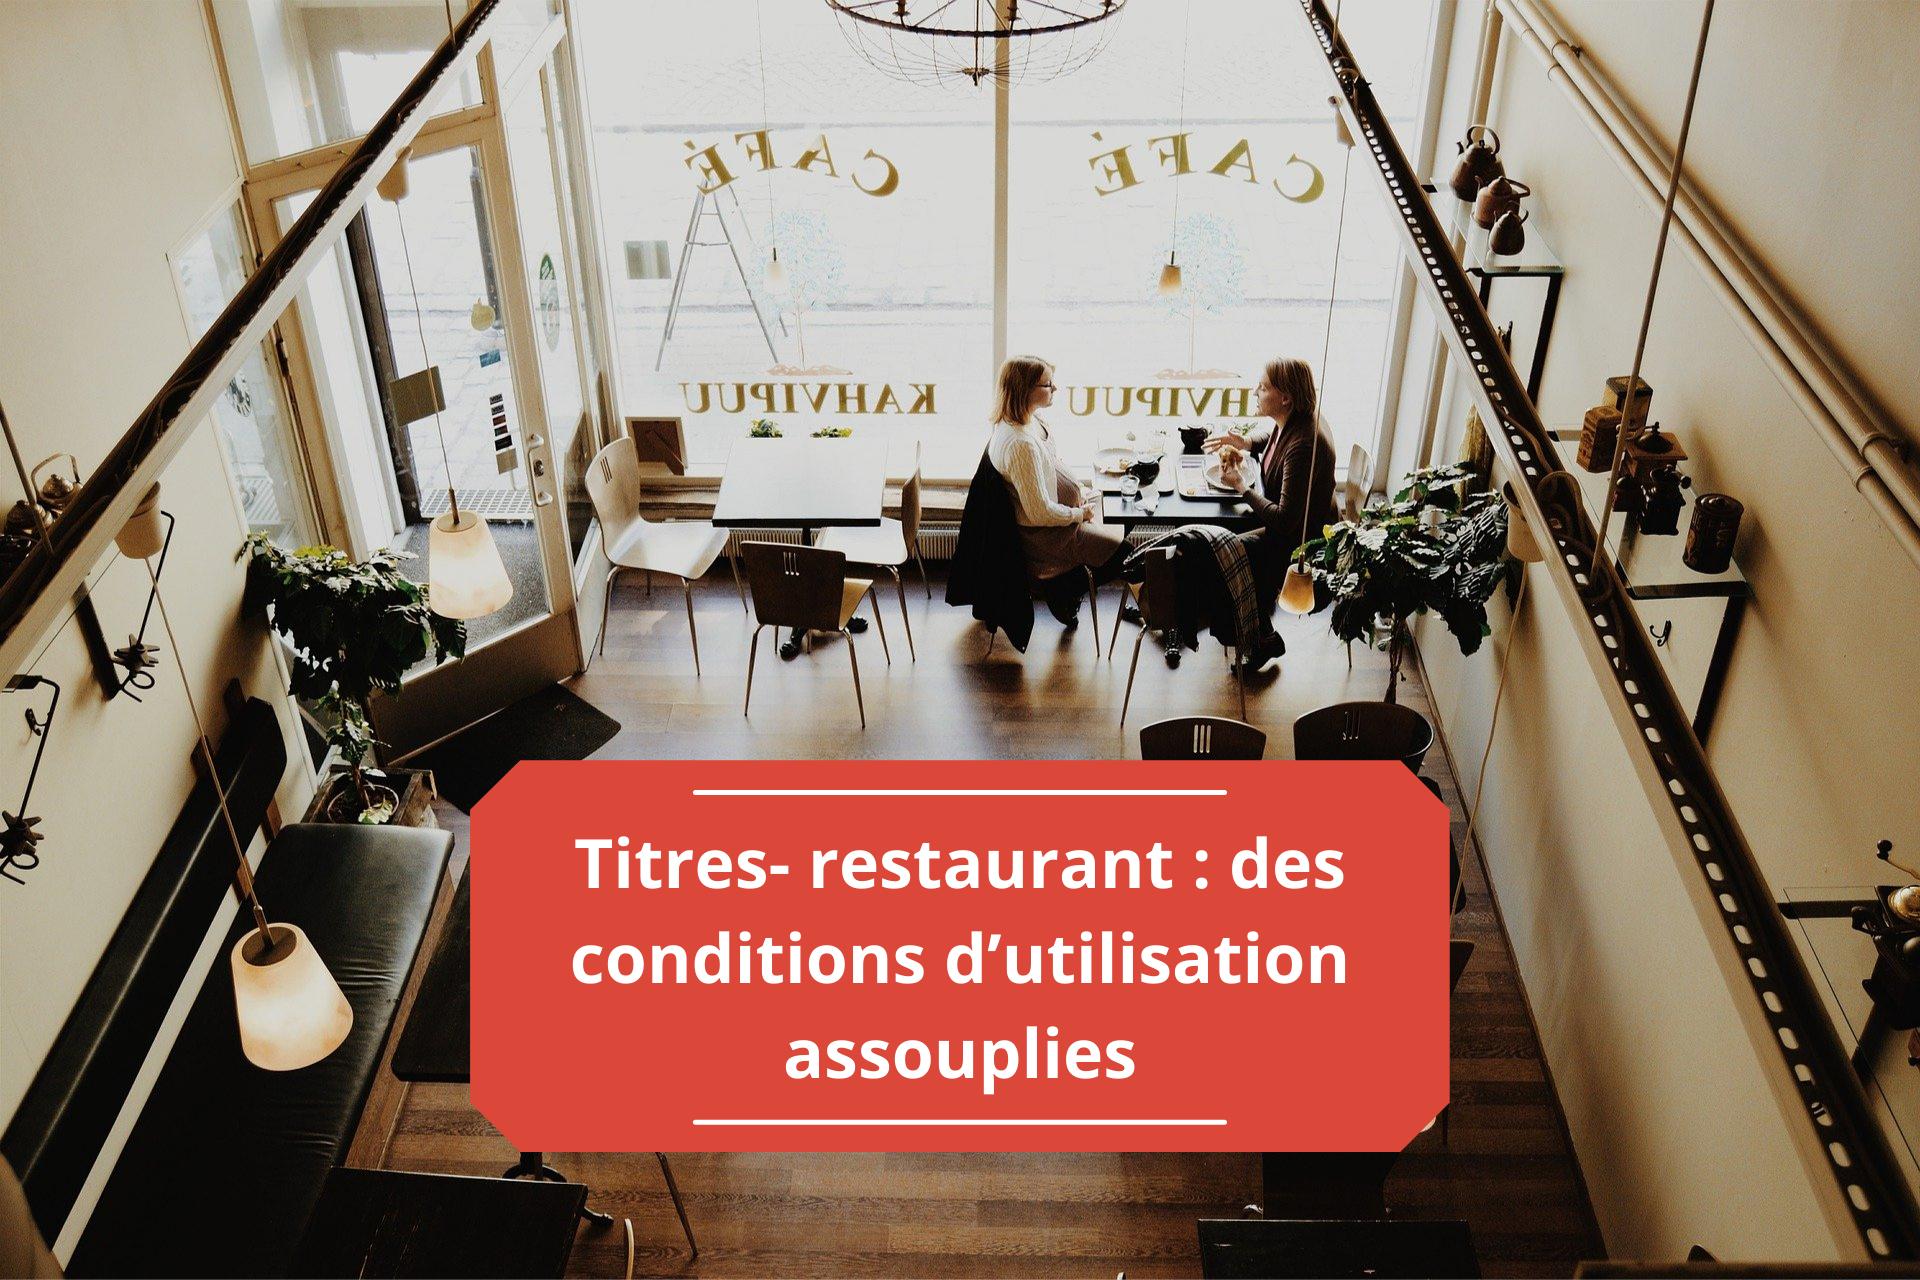 Titres-restaurant : des conditions d'utilisation assouplies